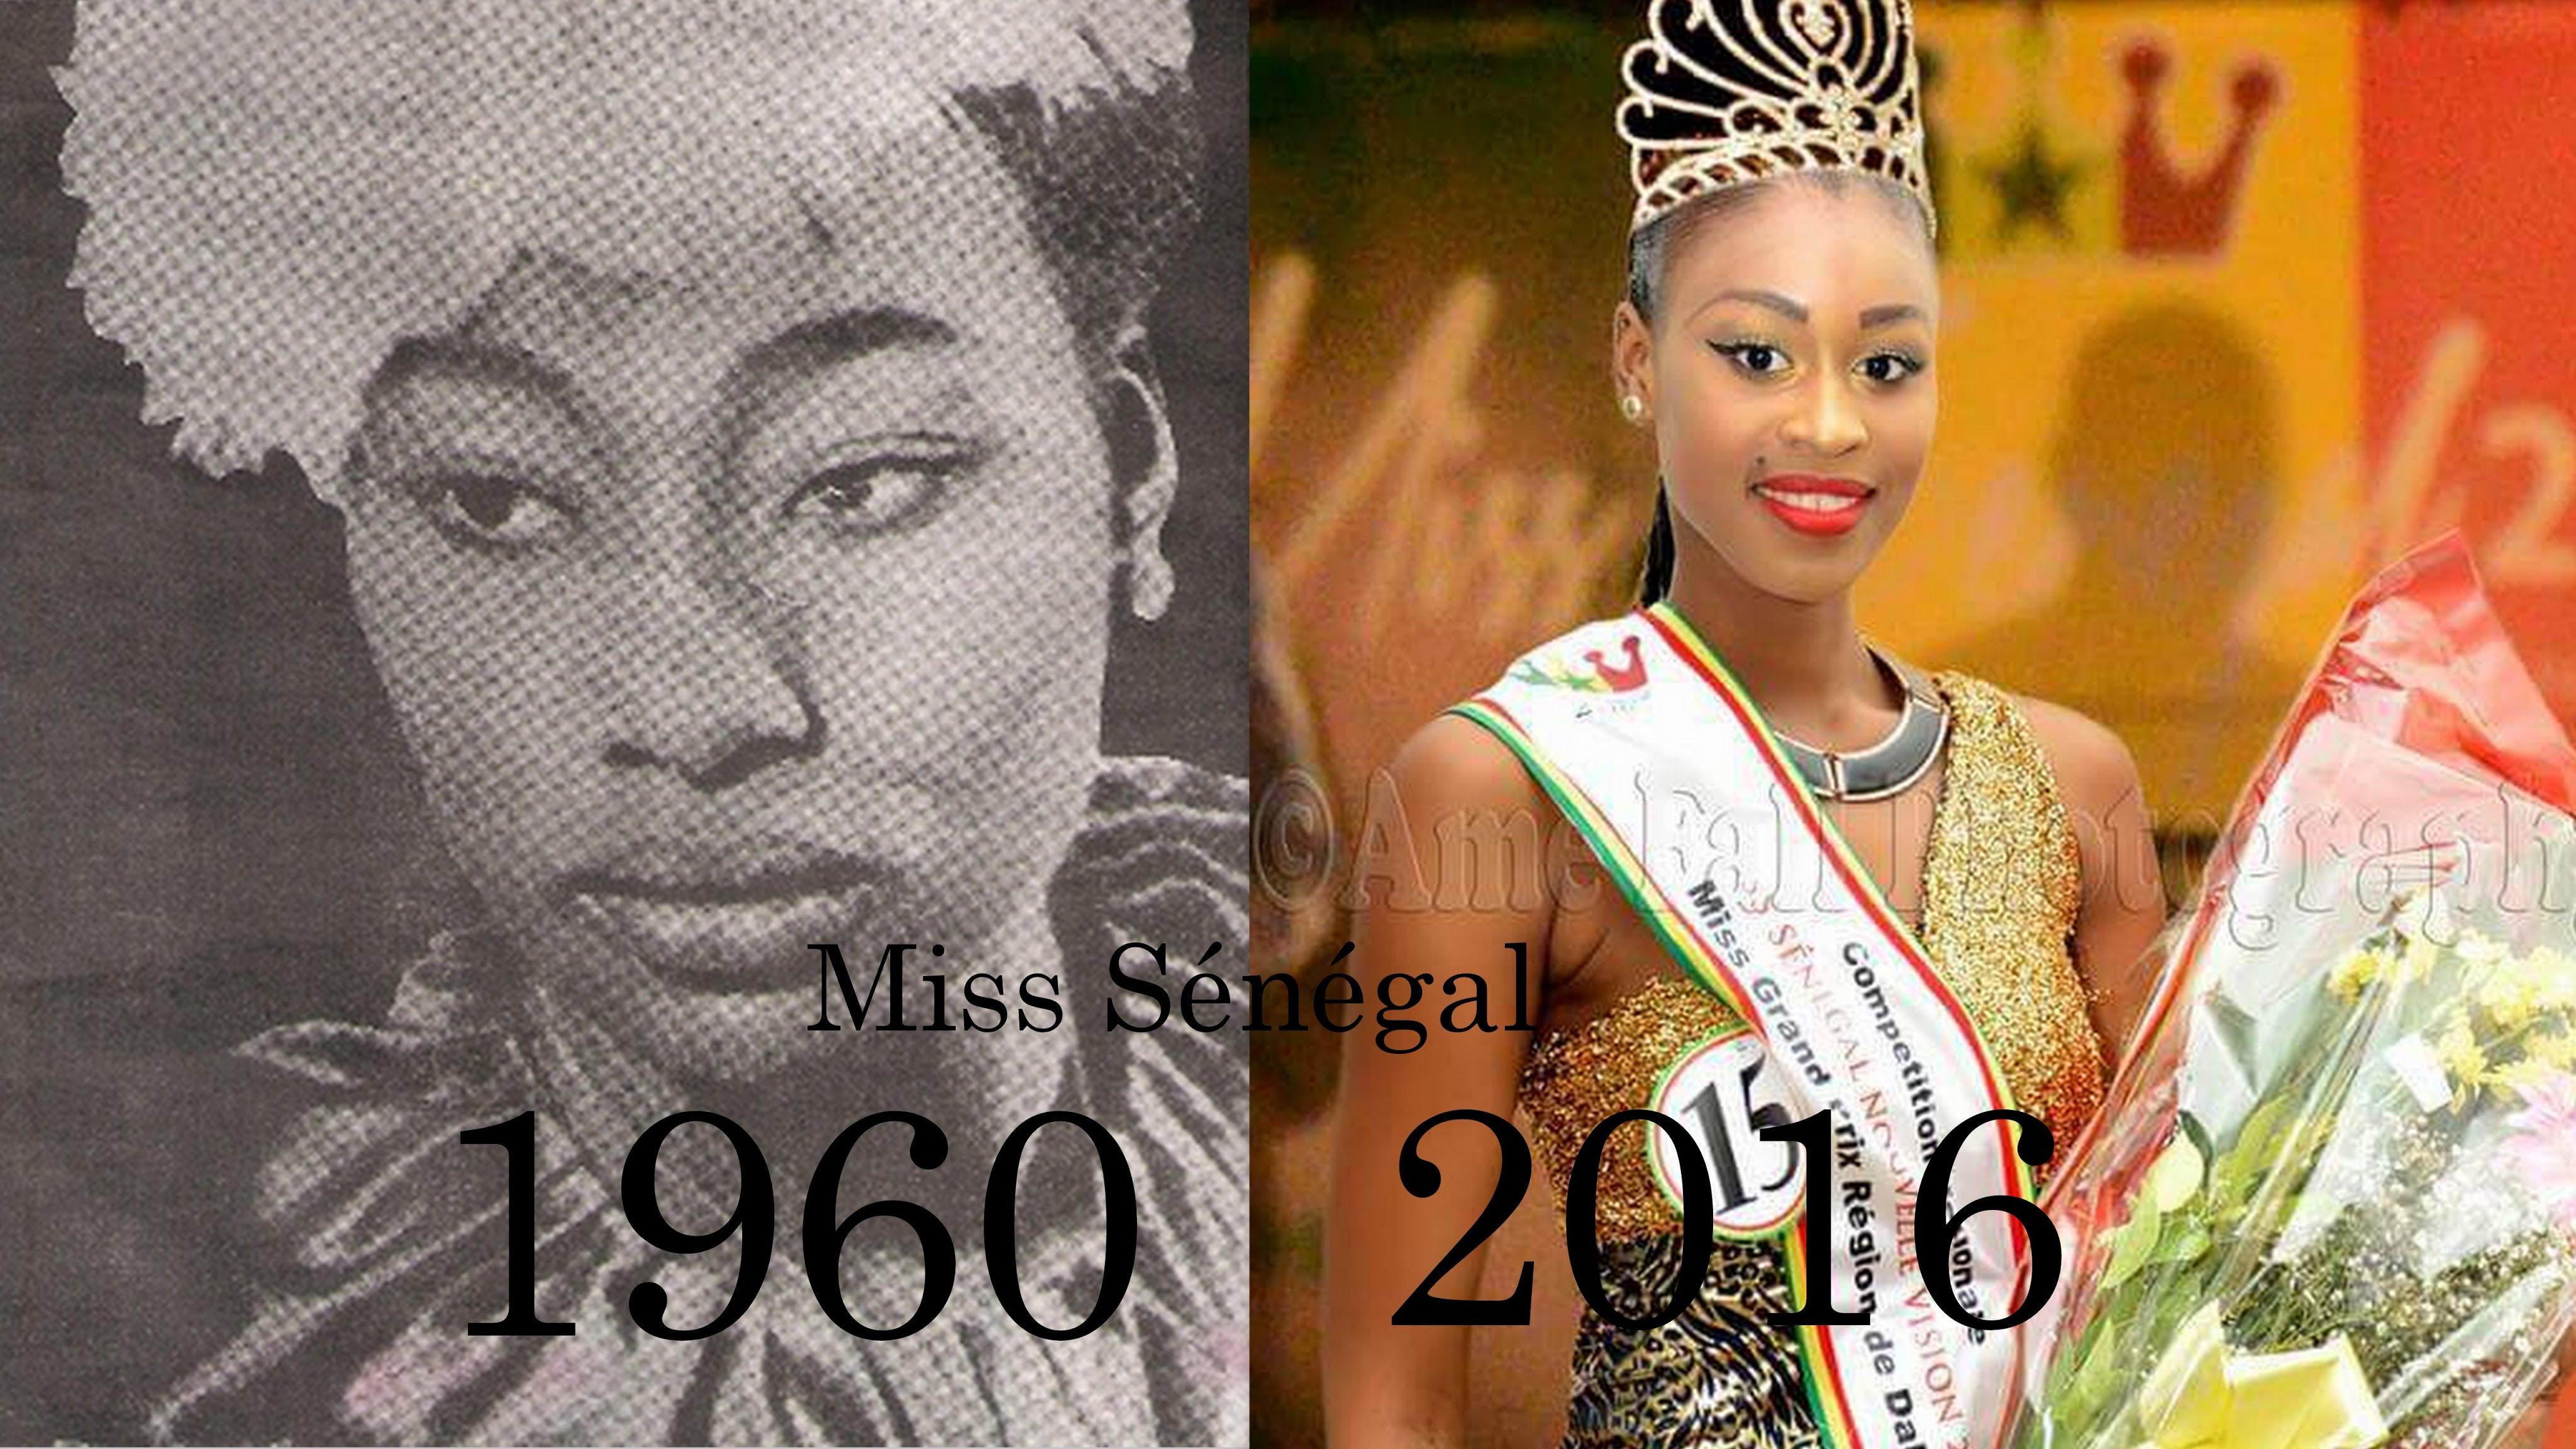 Au Sénégal dans les années 60-70 Les filles étaient belles, coquettes, naturelles et parlaient bien français